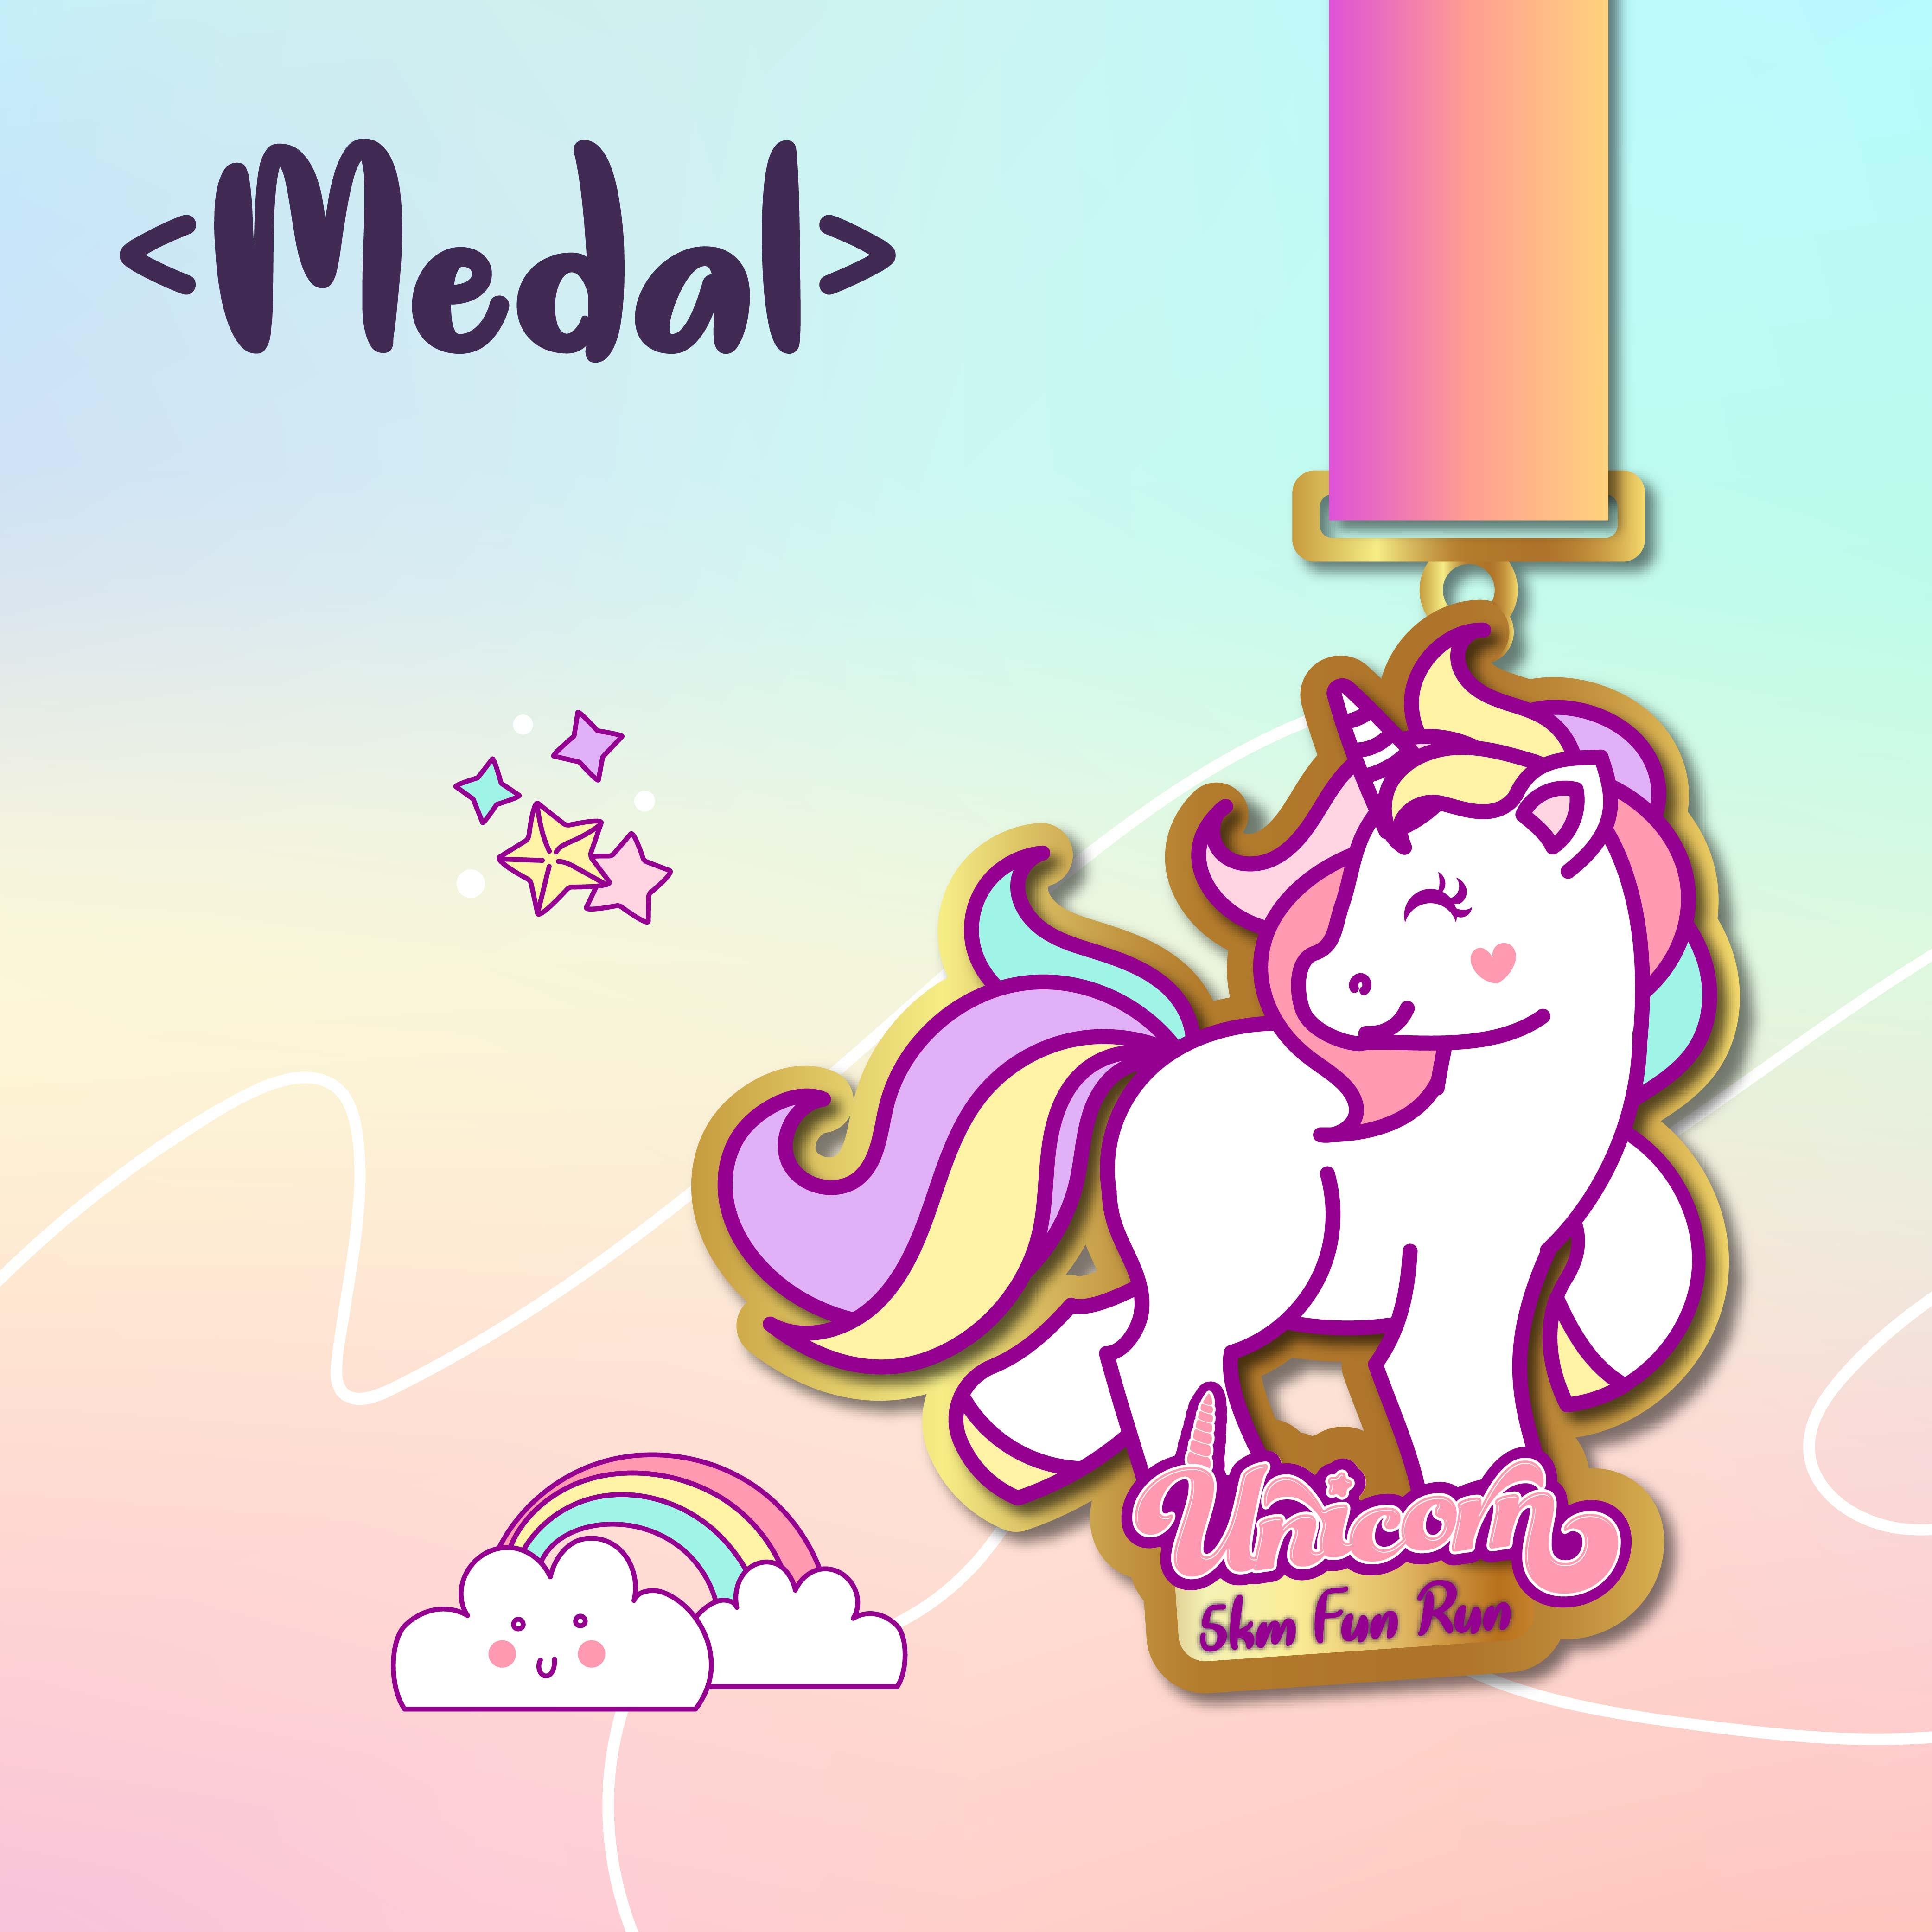 Limbang Unicorn Fun Run 2021